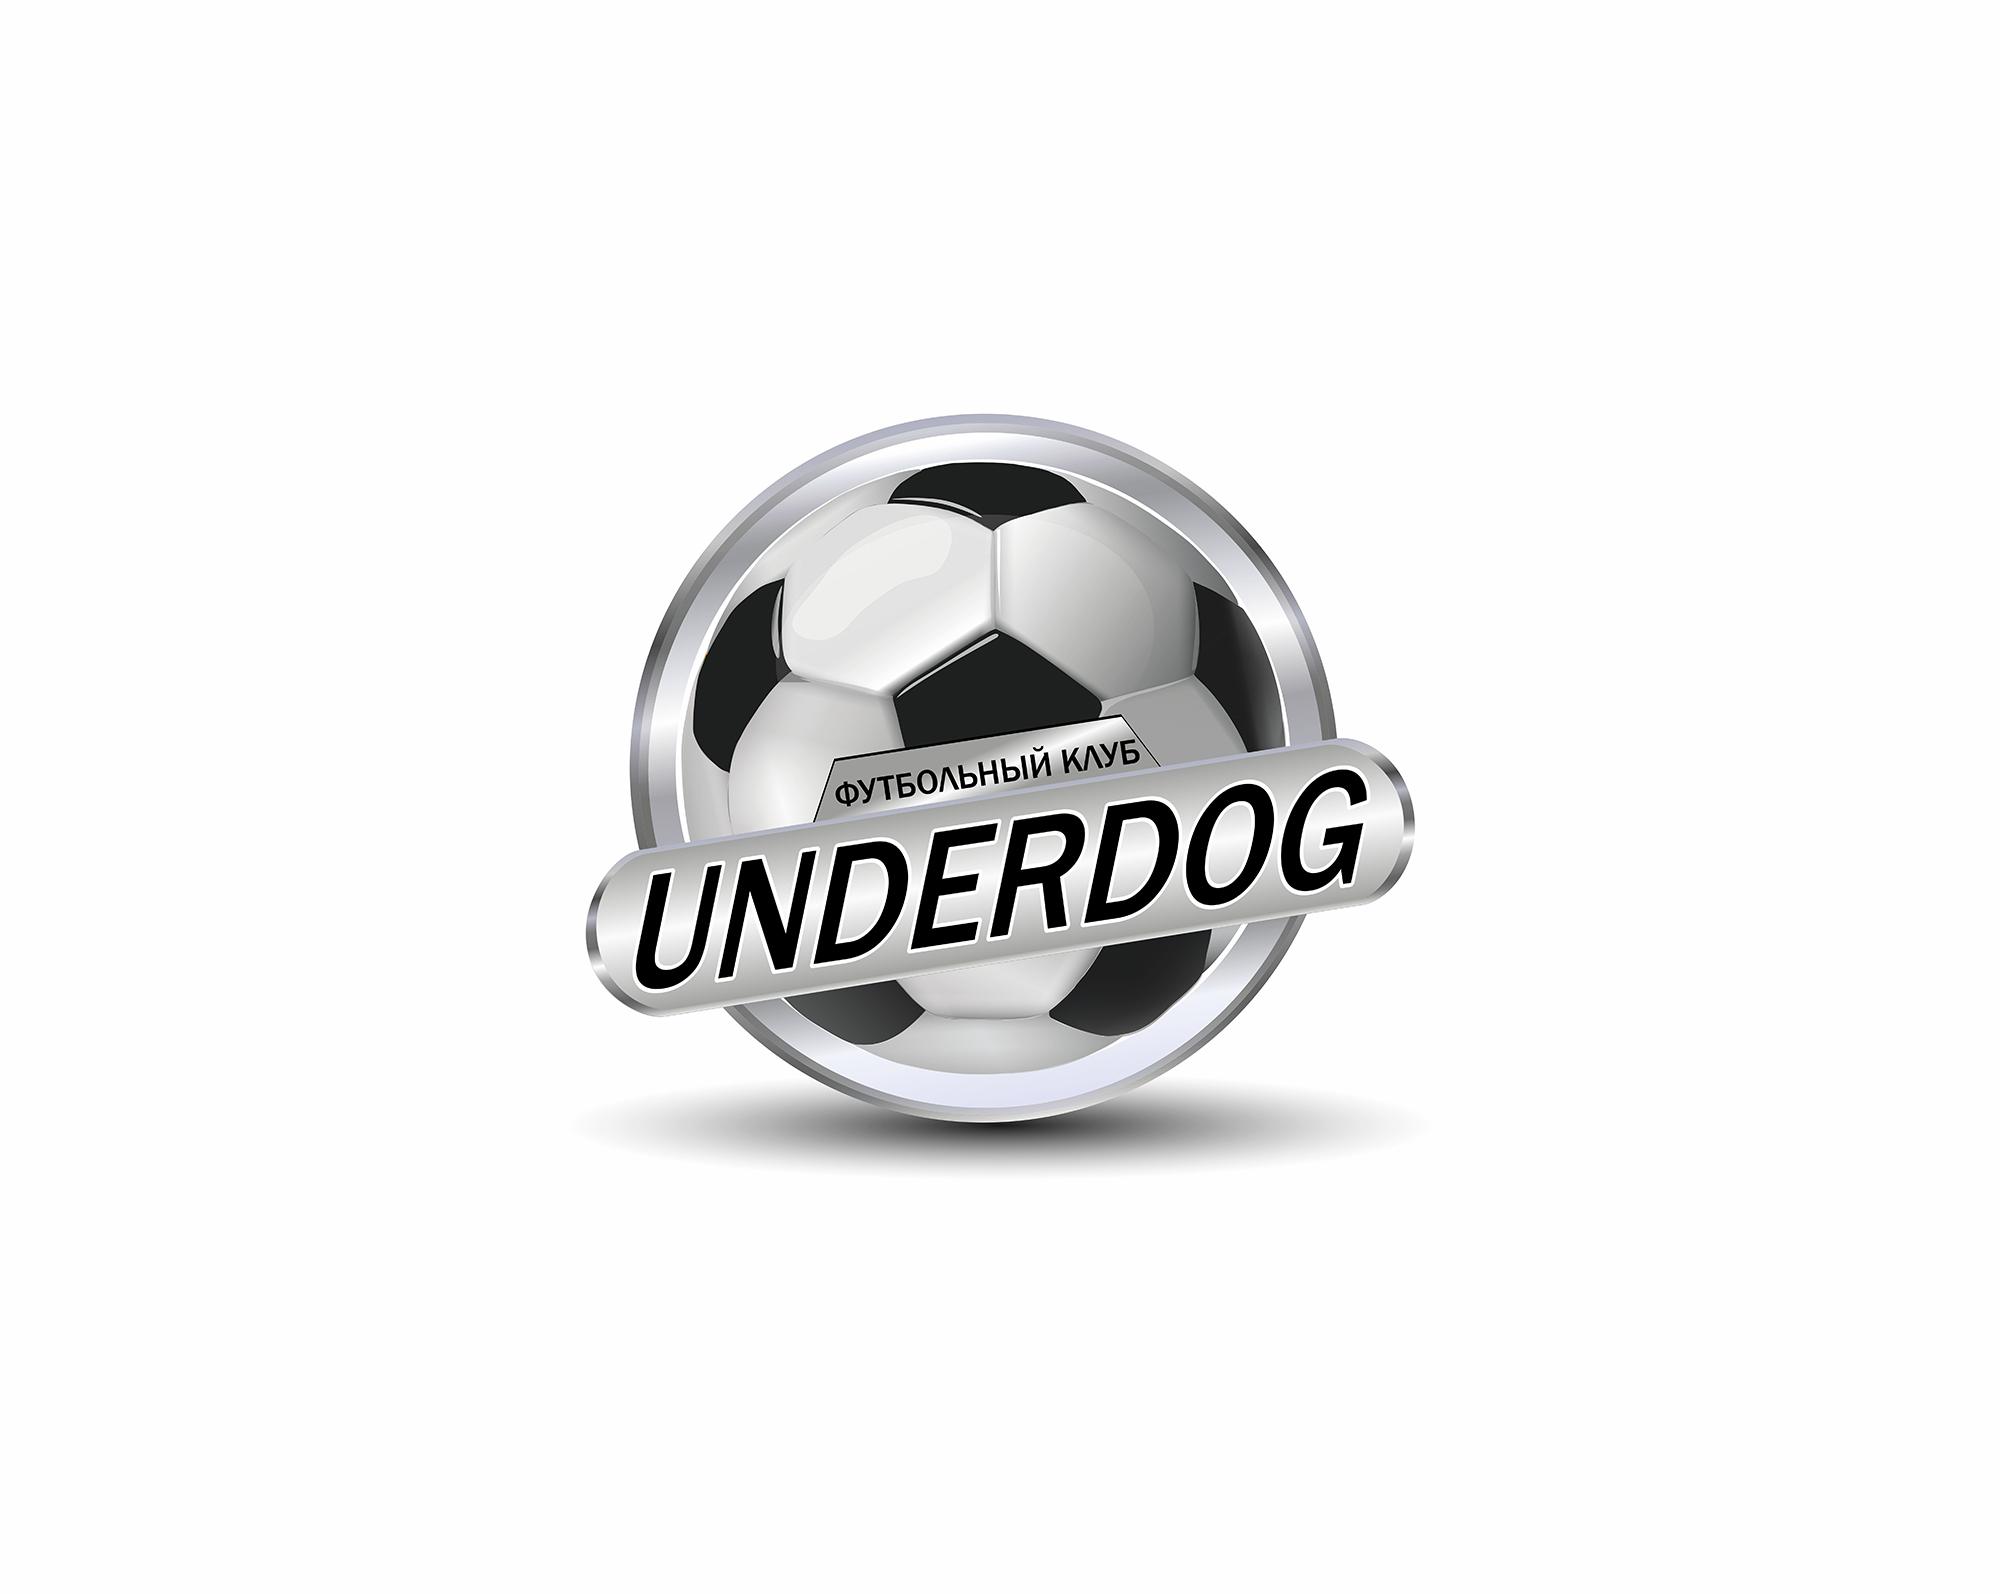 Футбольный клуб UNDERDOG - разработать фирстиль и бренд-бук фото f_8155cb0747345b34.jpg